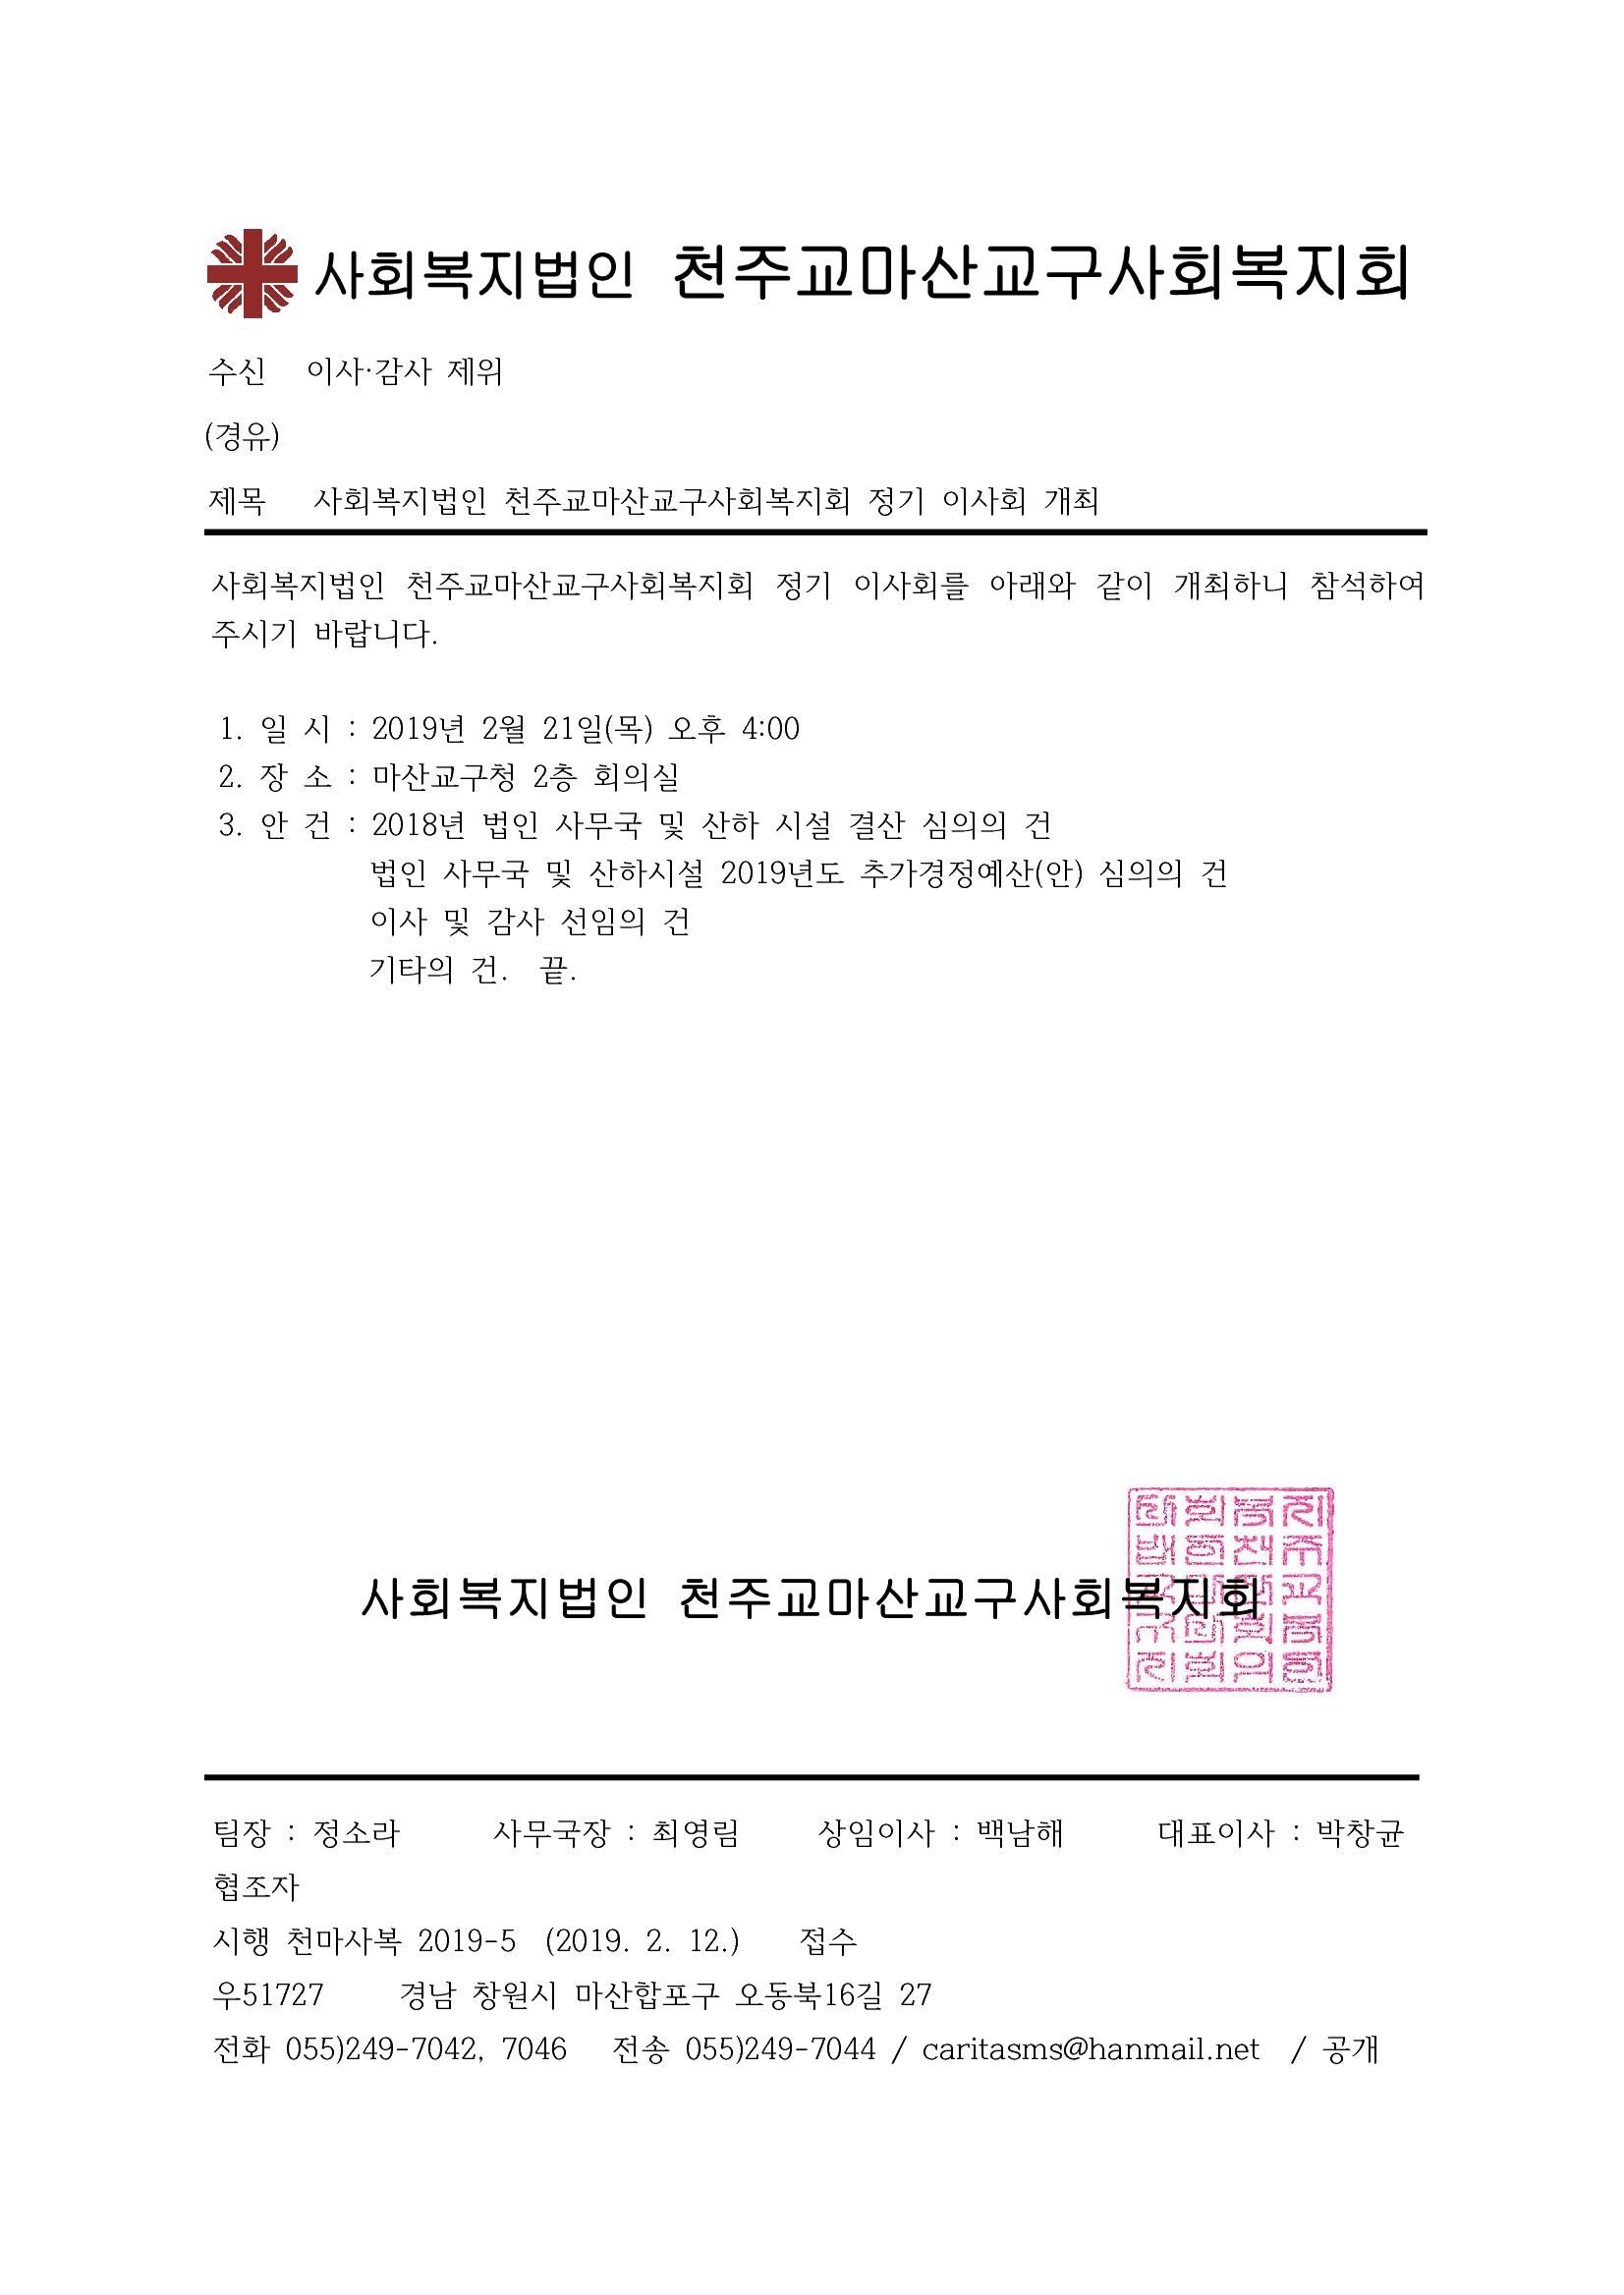 2019.02.12. 천마사복2019-5(이사회 개최)_1.png